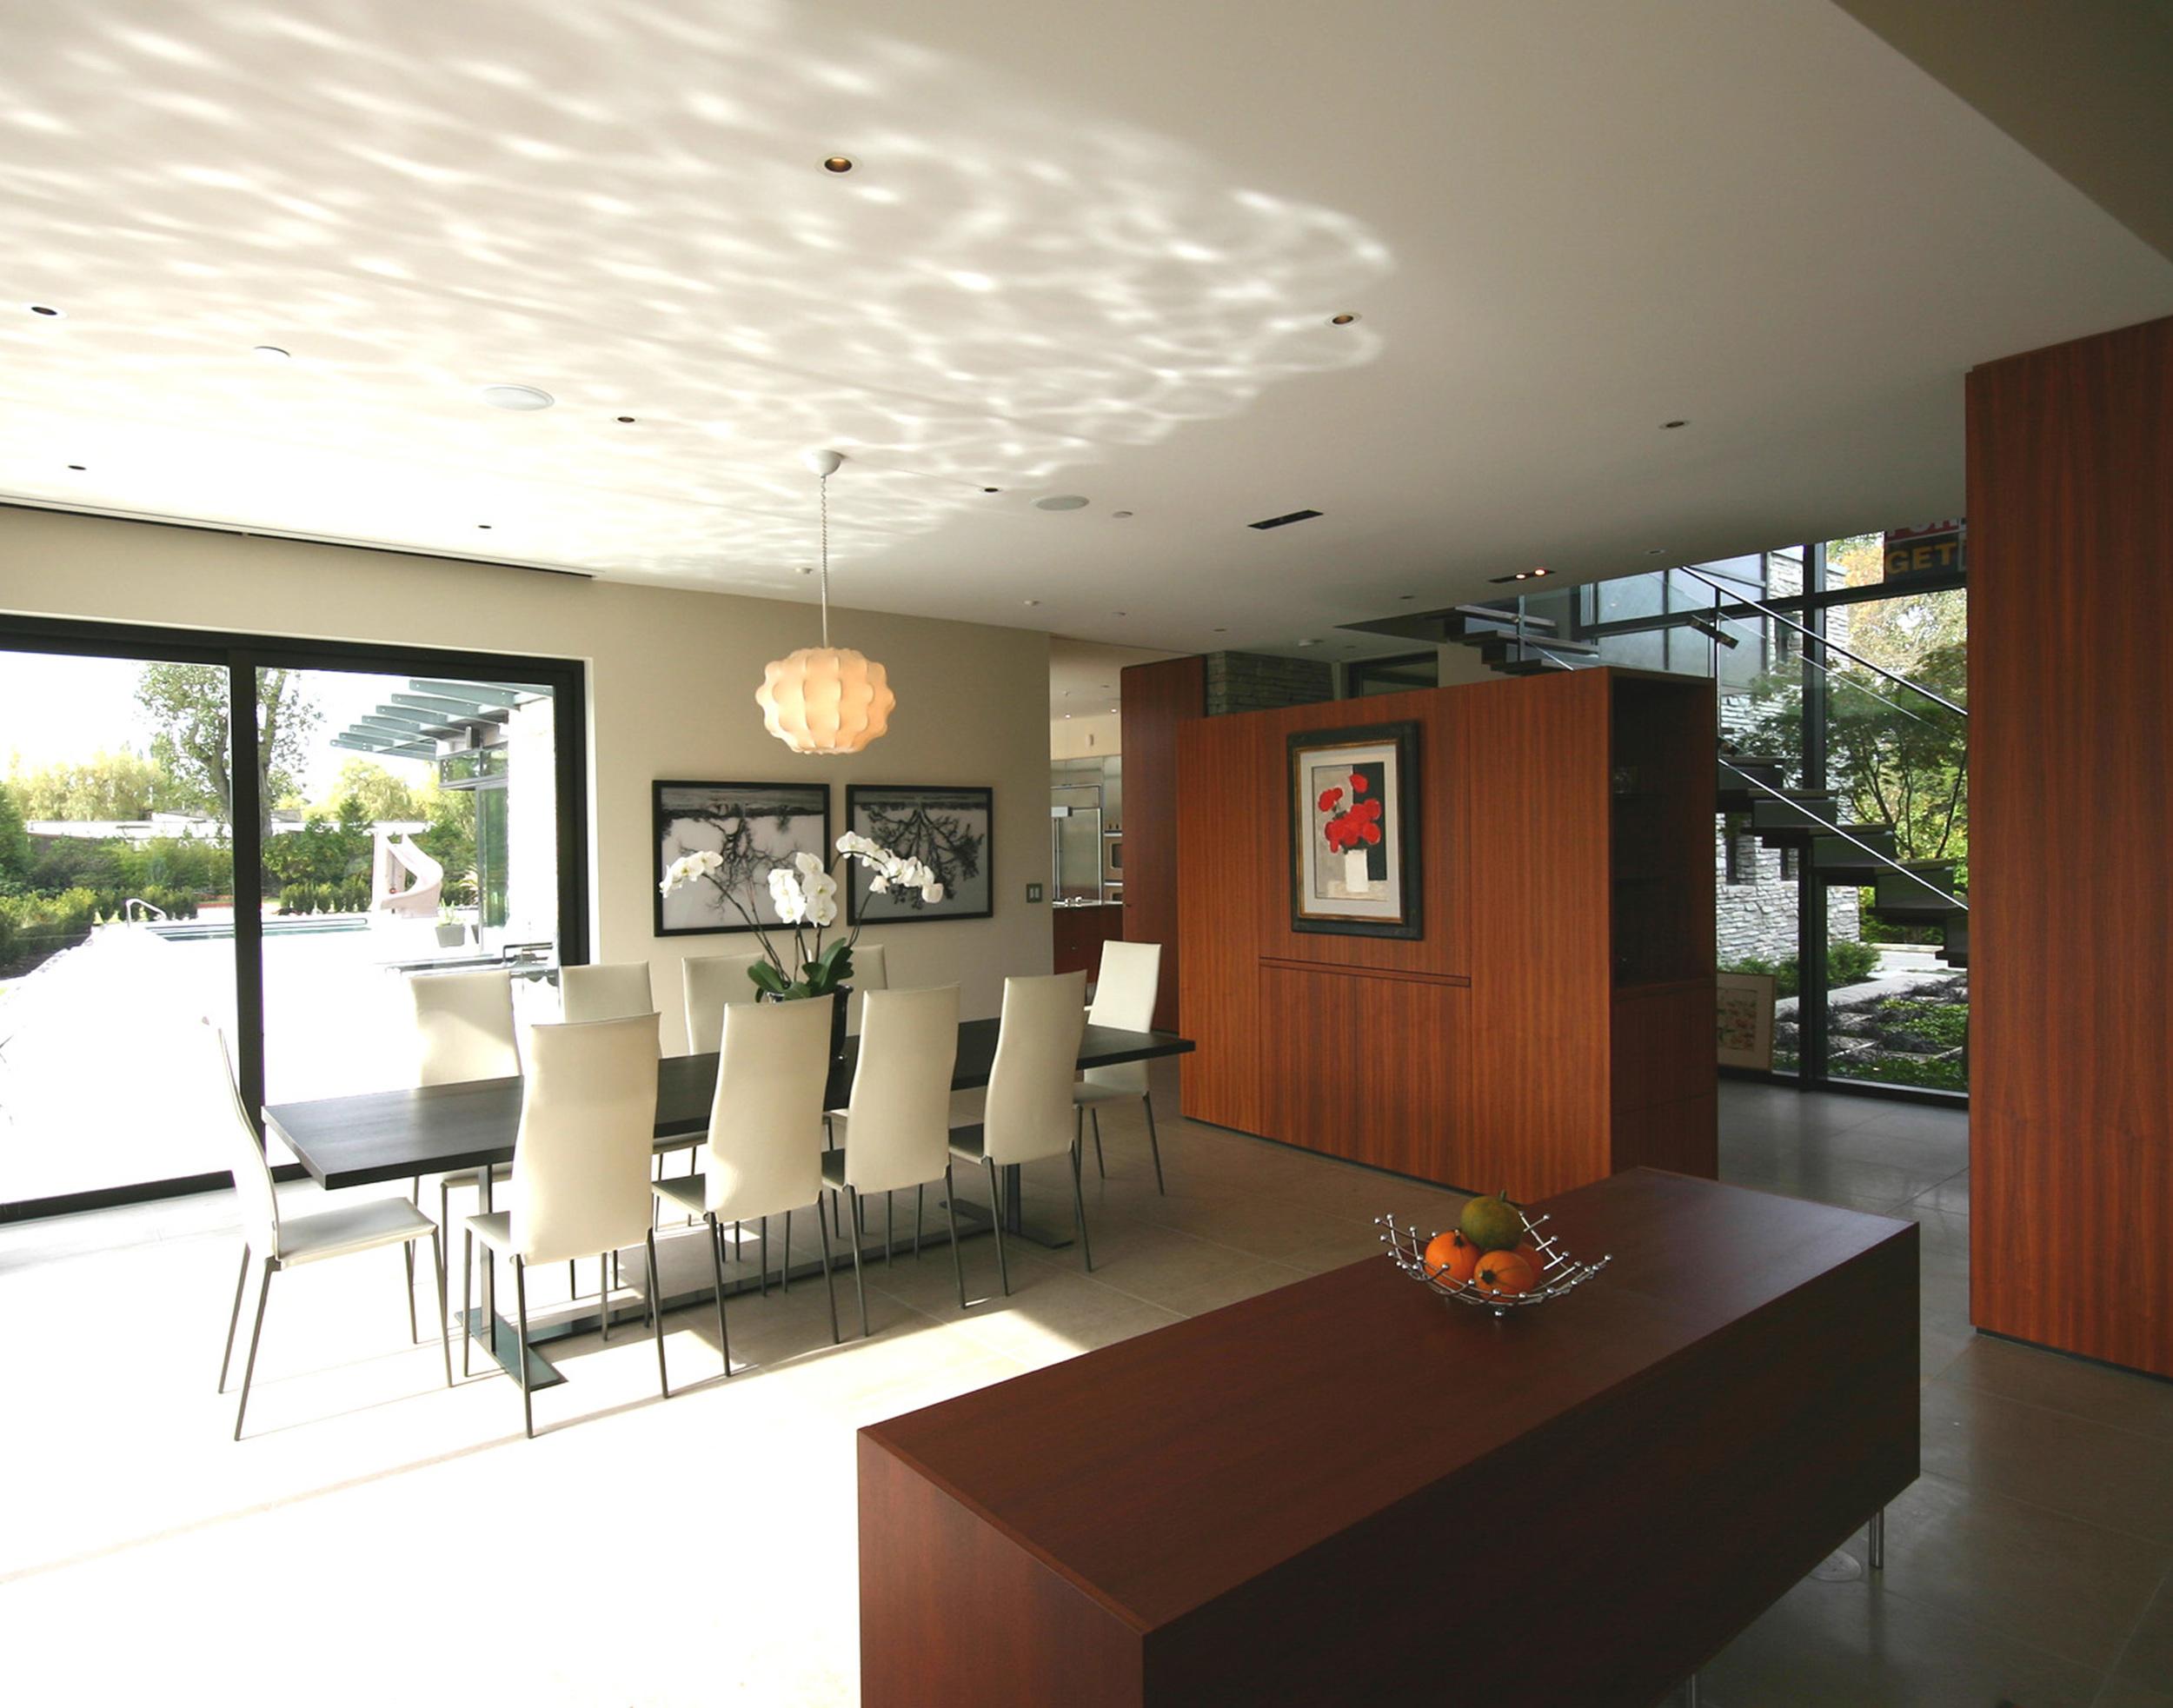 7 - Interior (Dining).jpg